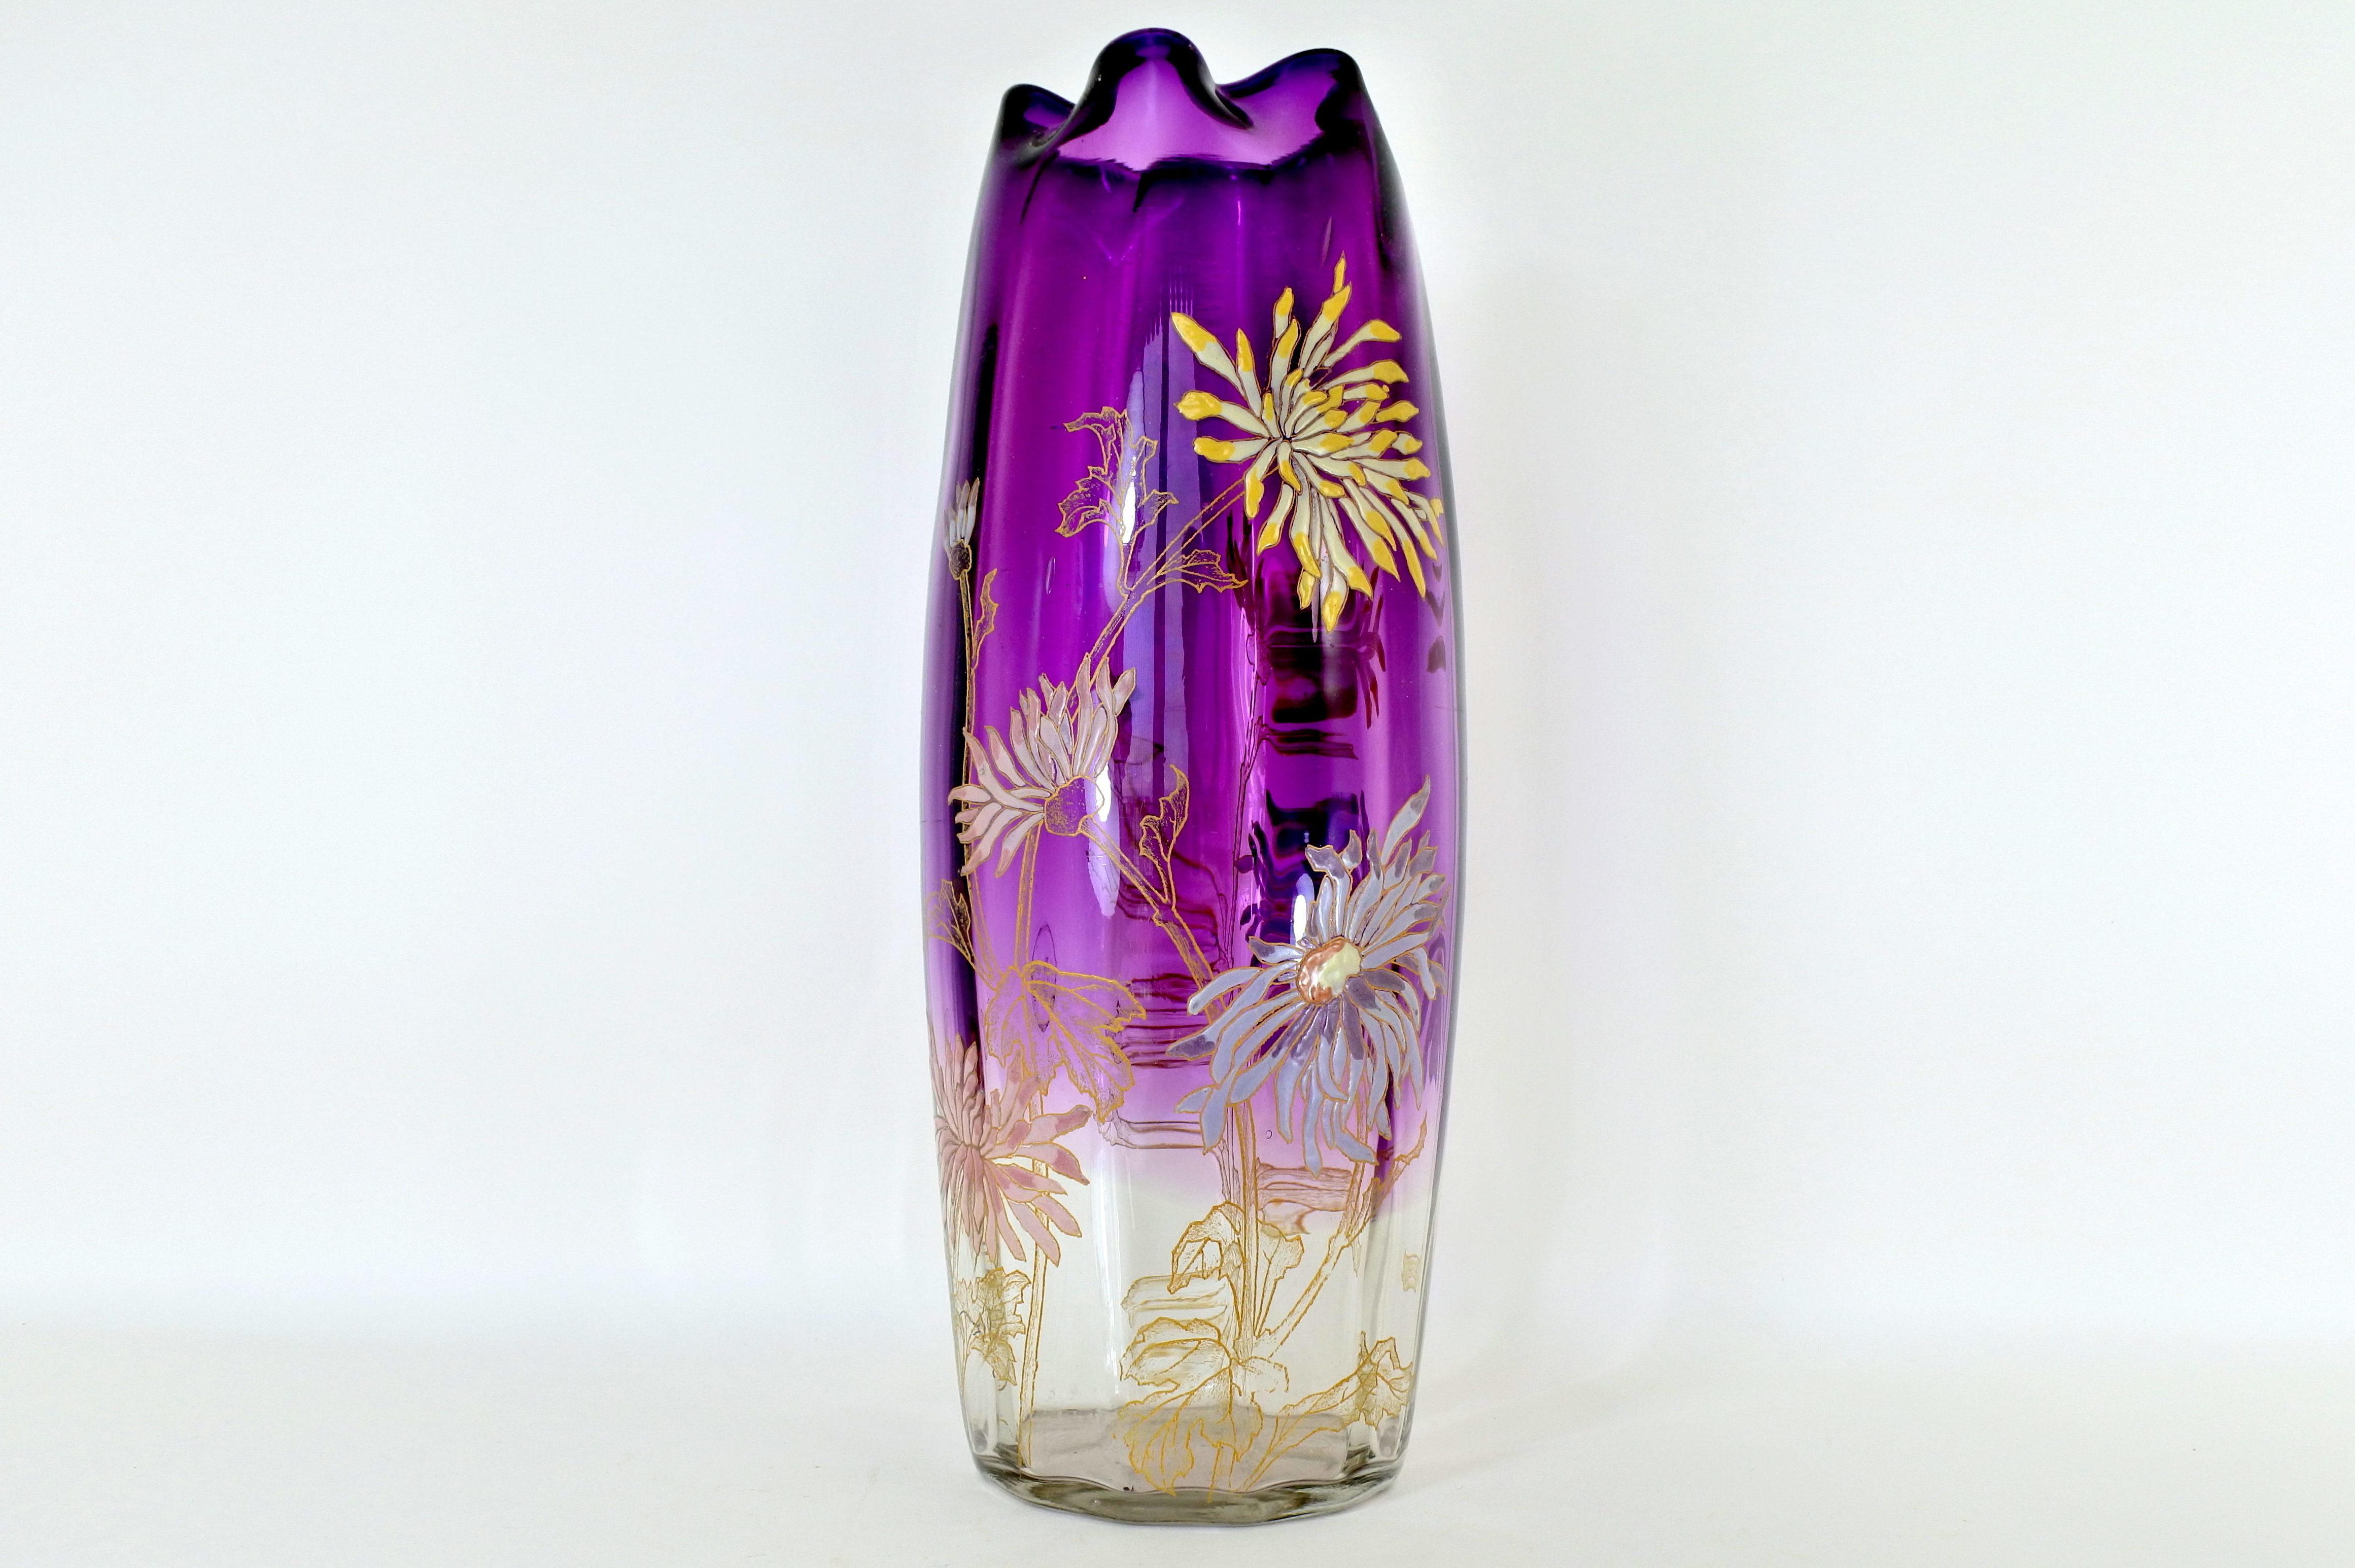 Vaso Legras in vetro soffiato con decoro di crisantemi smaltati